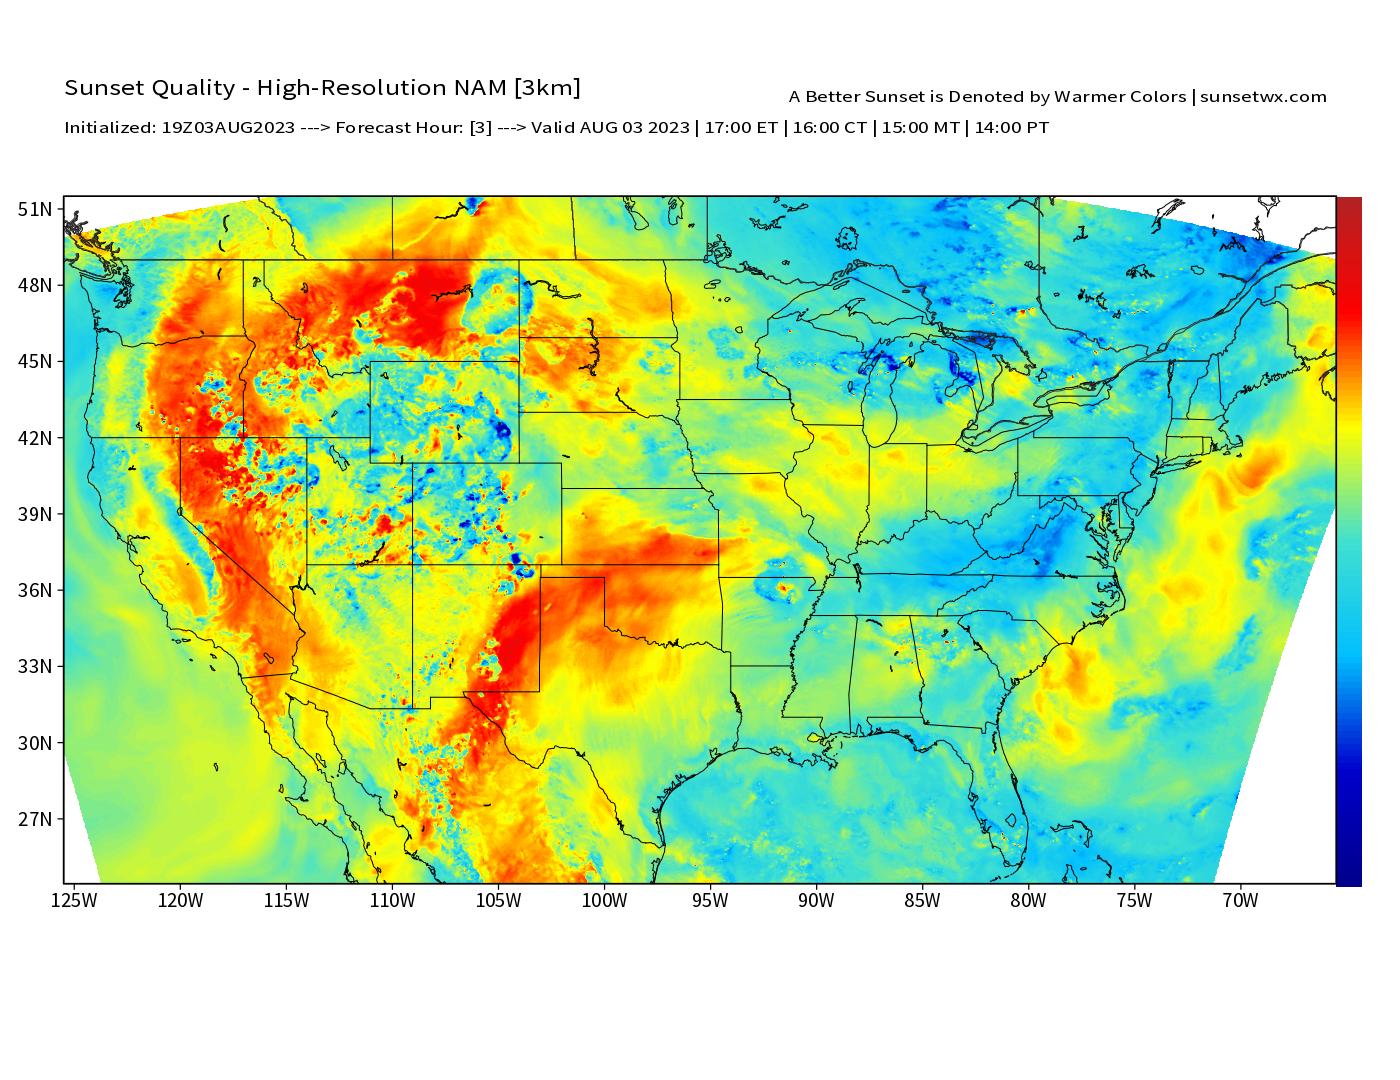 Sunset Forecast